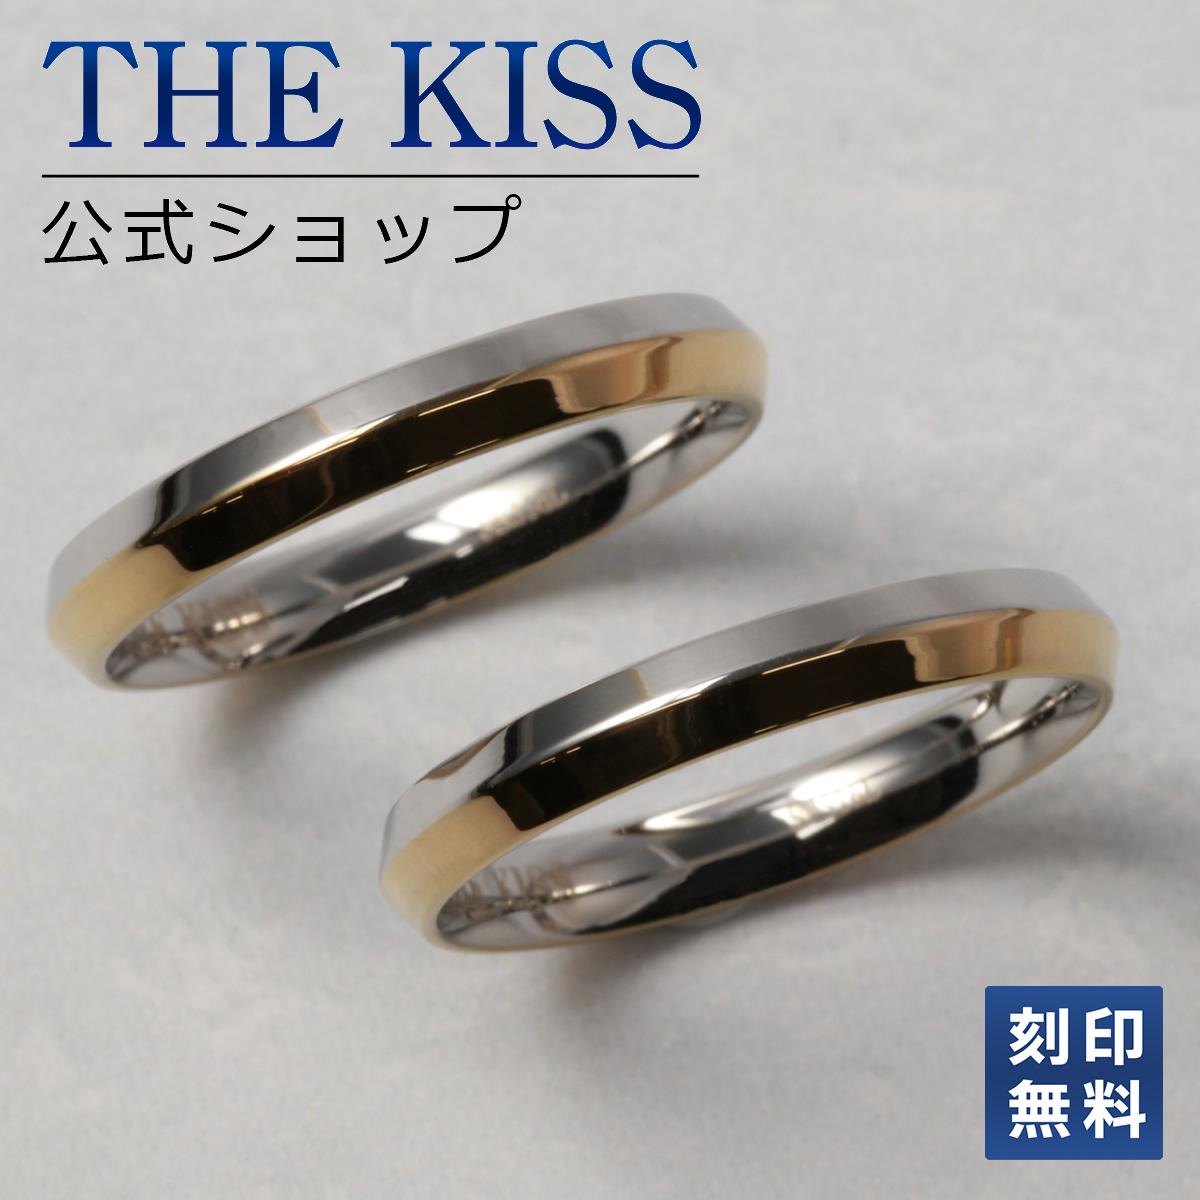 【あす楽対応】THE KISS 公式サイト シルバー ペアリング ペアアクセサリー カップル に 人気 の ジュエリーブランド THEKISS ペア リング・指輪 記念日 プレゼント TR1026YE-P セット シンプル 男性 女性 2個ペア ザキス 【送料無料】